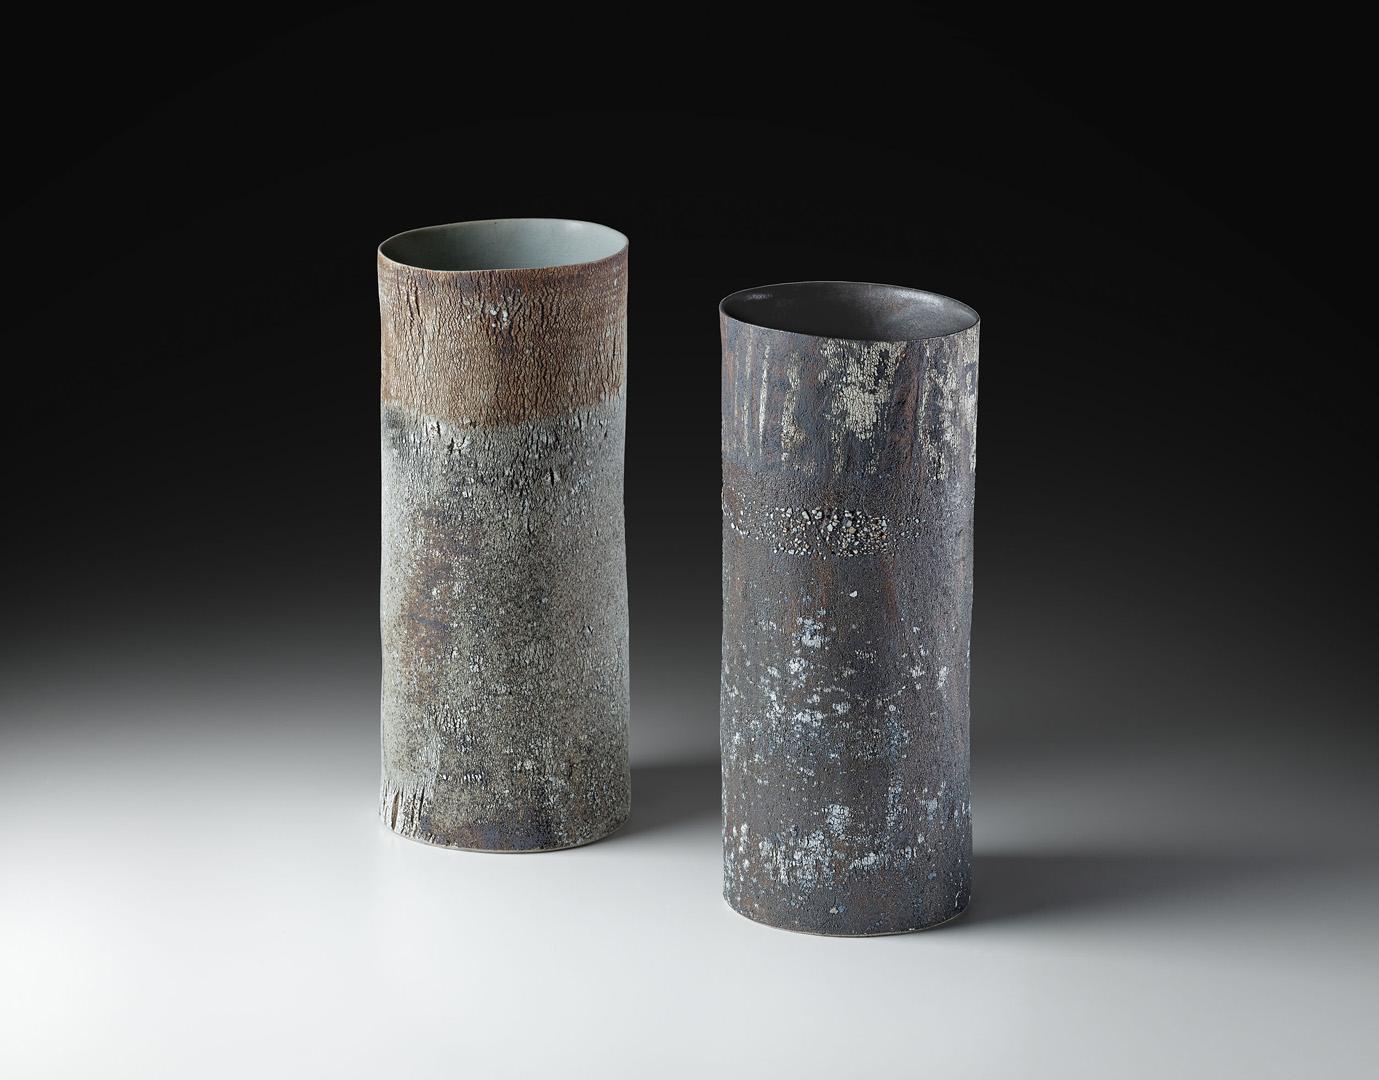 Strukturvasen, Steinzeug, gebaut, Links H/B/T 32/14/13 cm,  Rechts H/B/T 32/13/13 cm, bei 1280° C reduzierend gebrannt, 2014